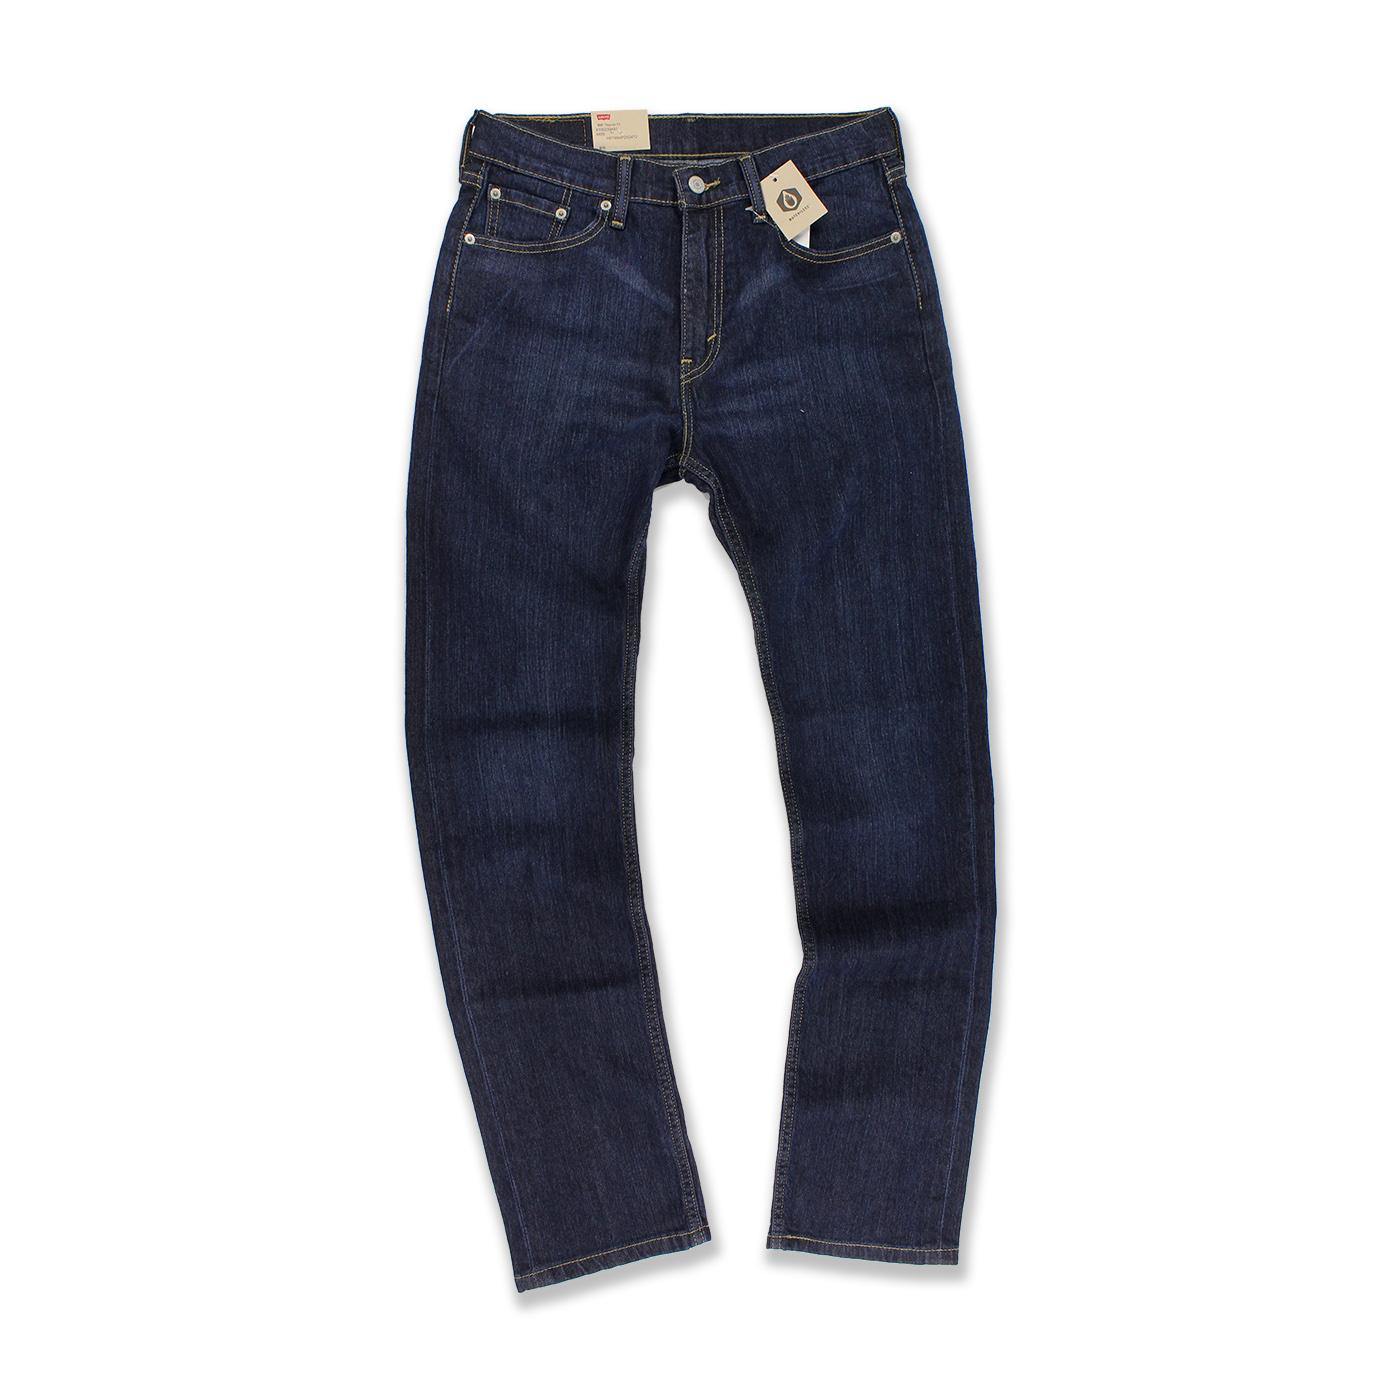 美國百分百【全新真品】Levis 505 Regular Fit 男 牛仔褲 直筒褲 單寧 30腰 深藍 刷色 C495